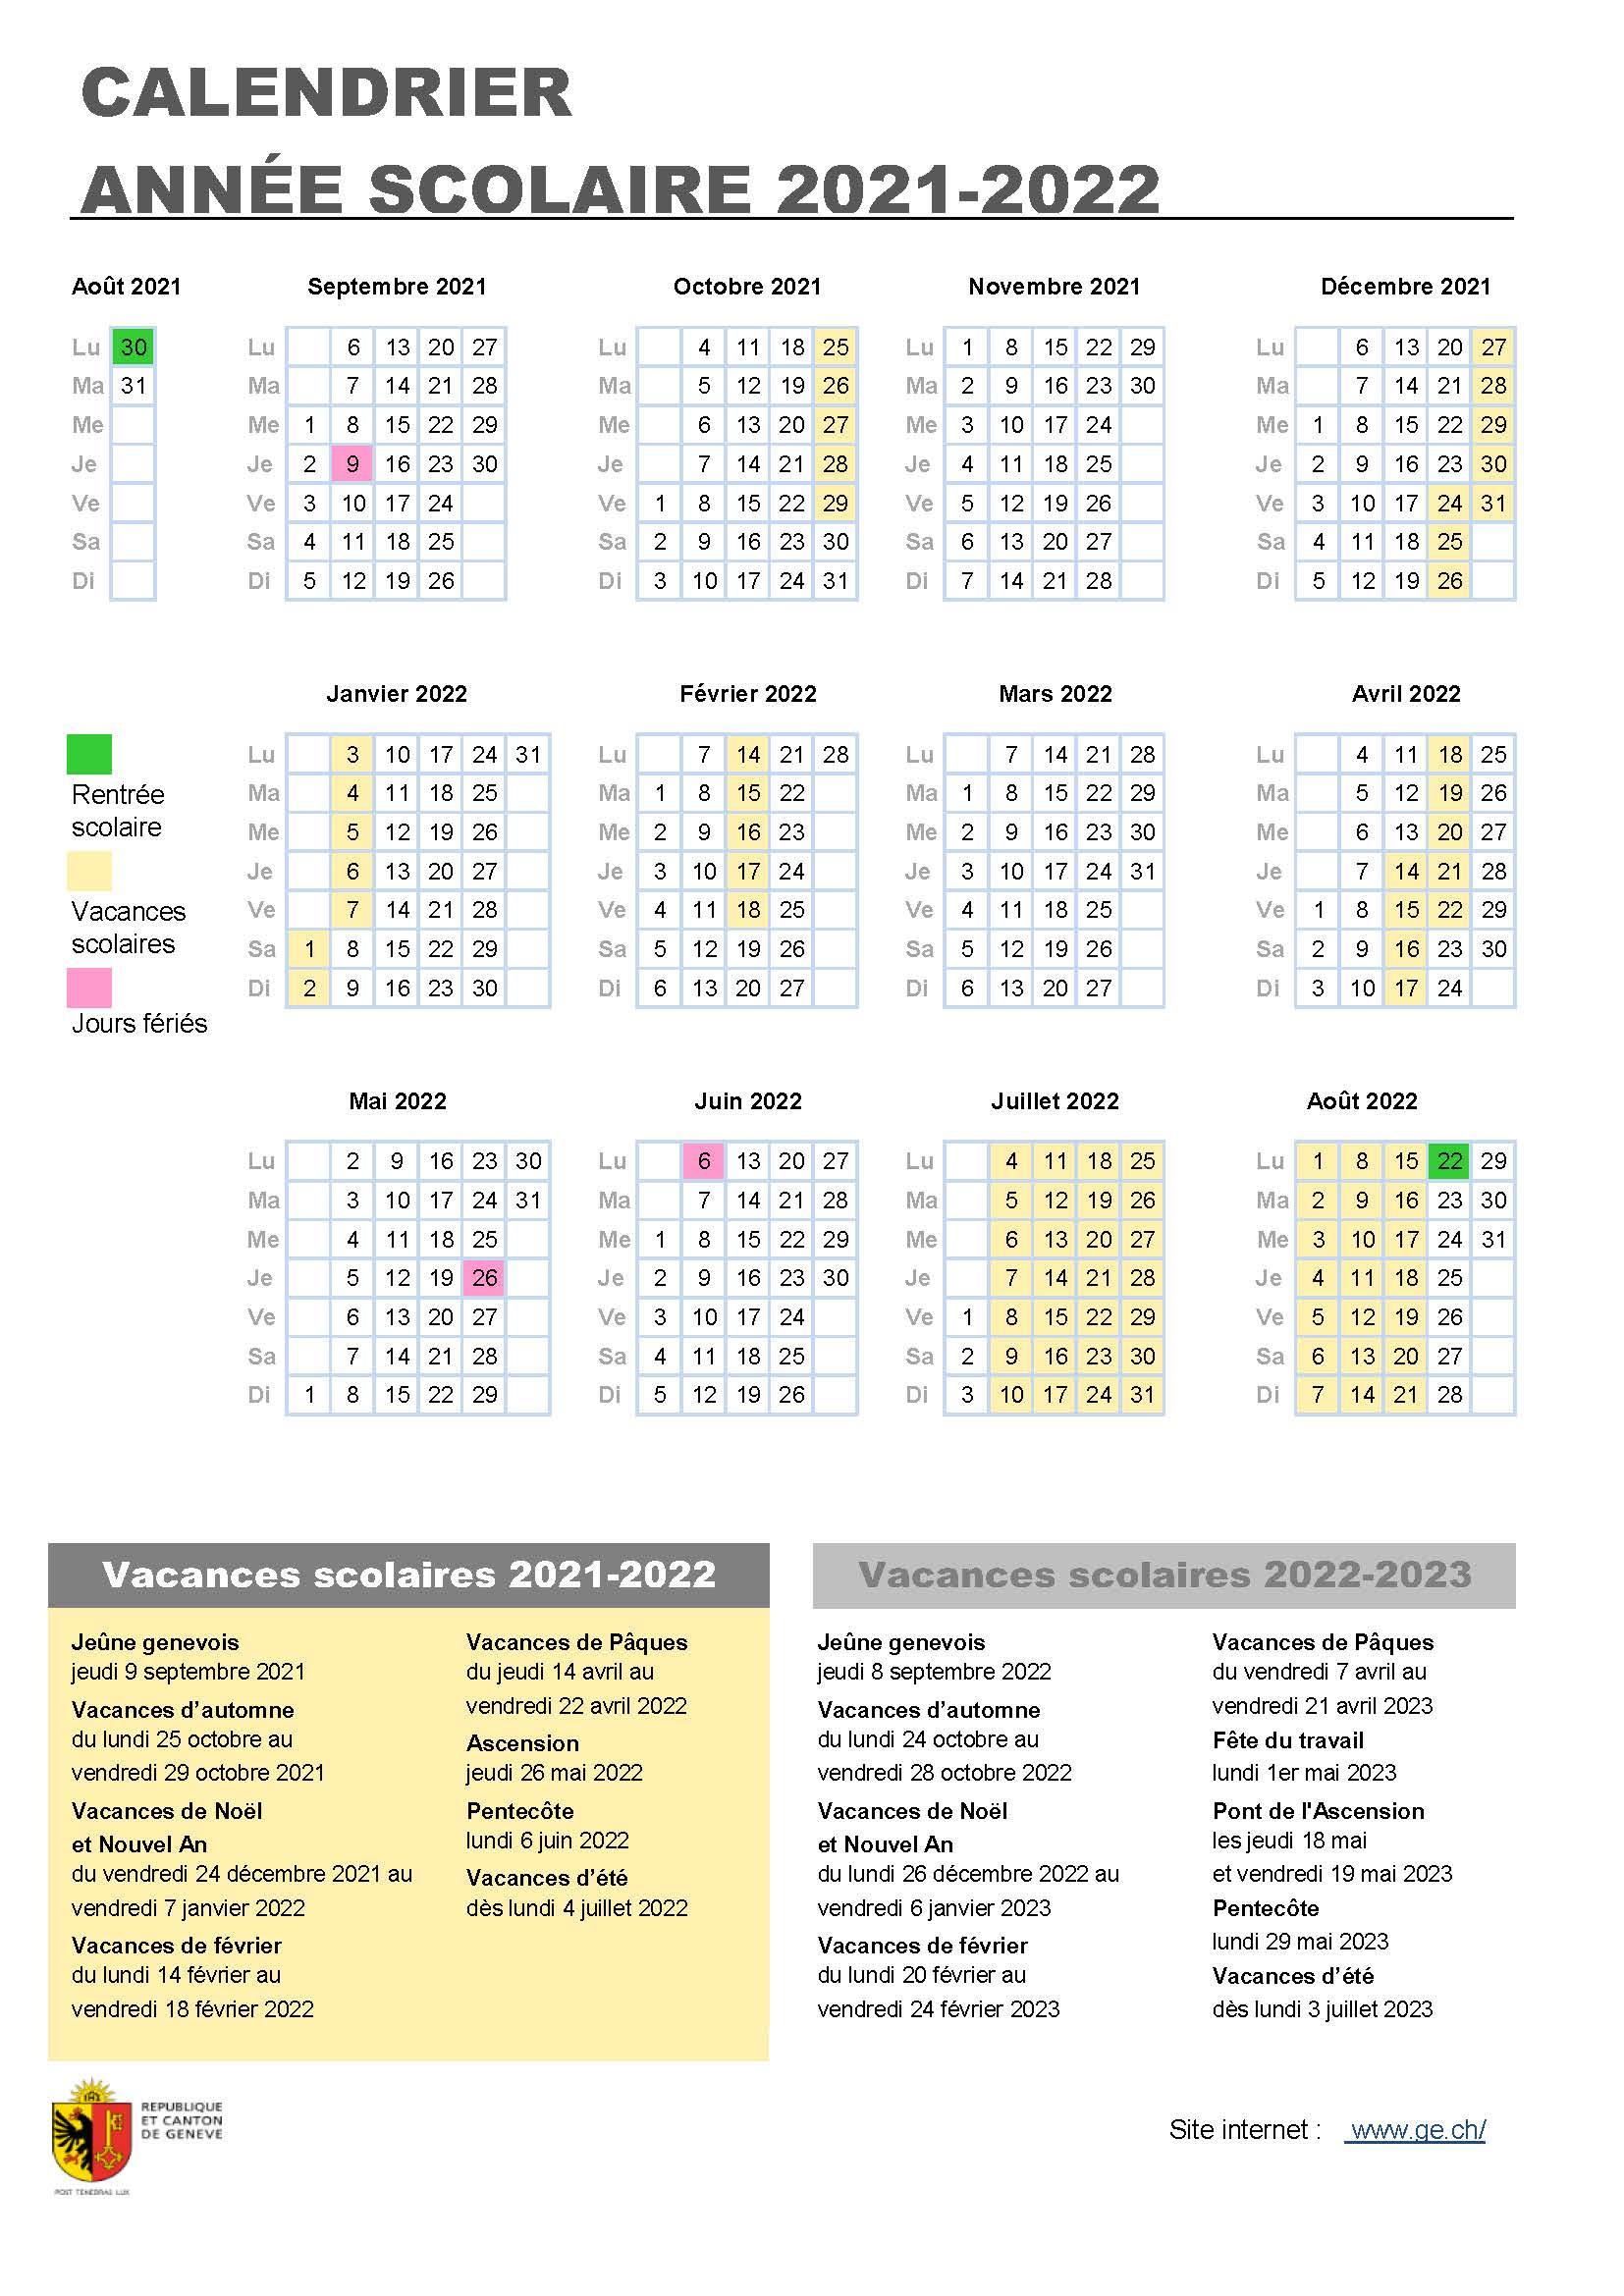 Calendrier 2022 Vacances Scolaires Vacances scolaires 2021 2022 | ge.ch